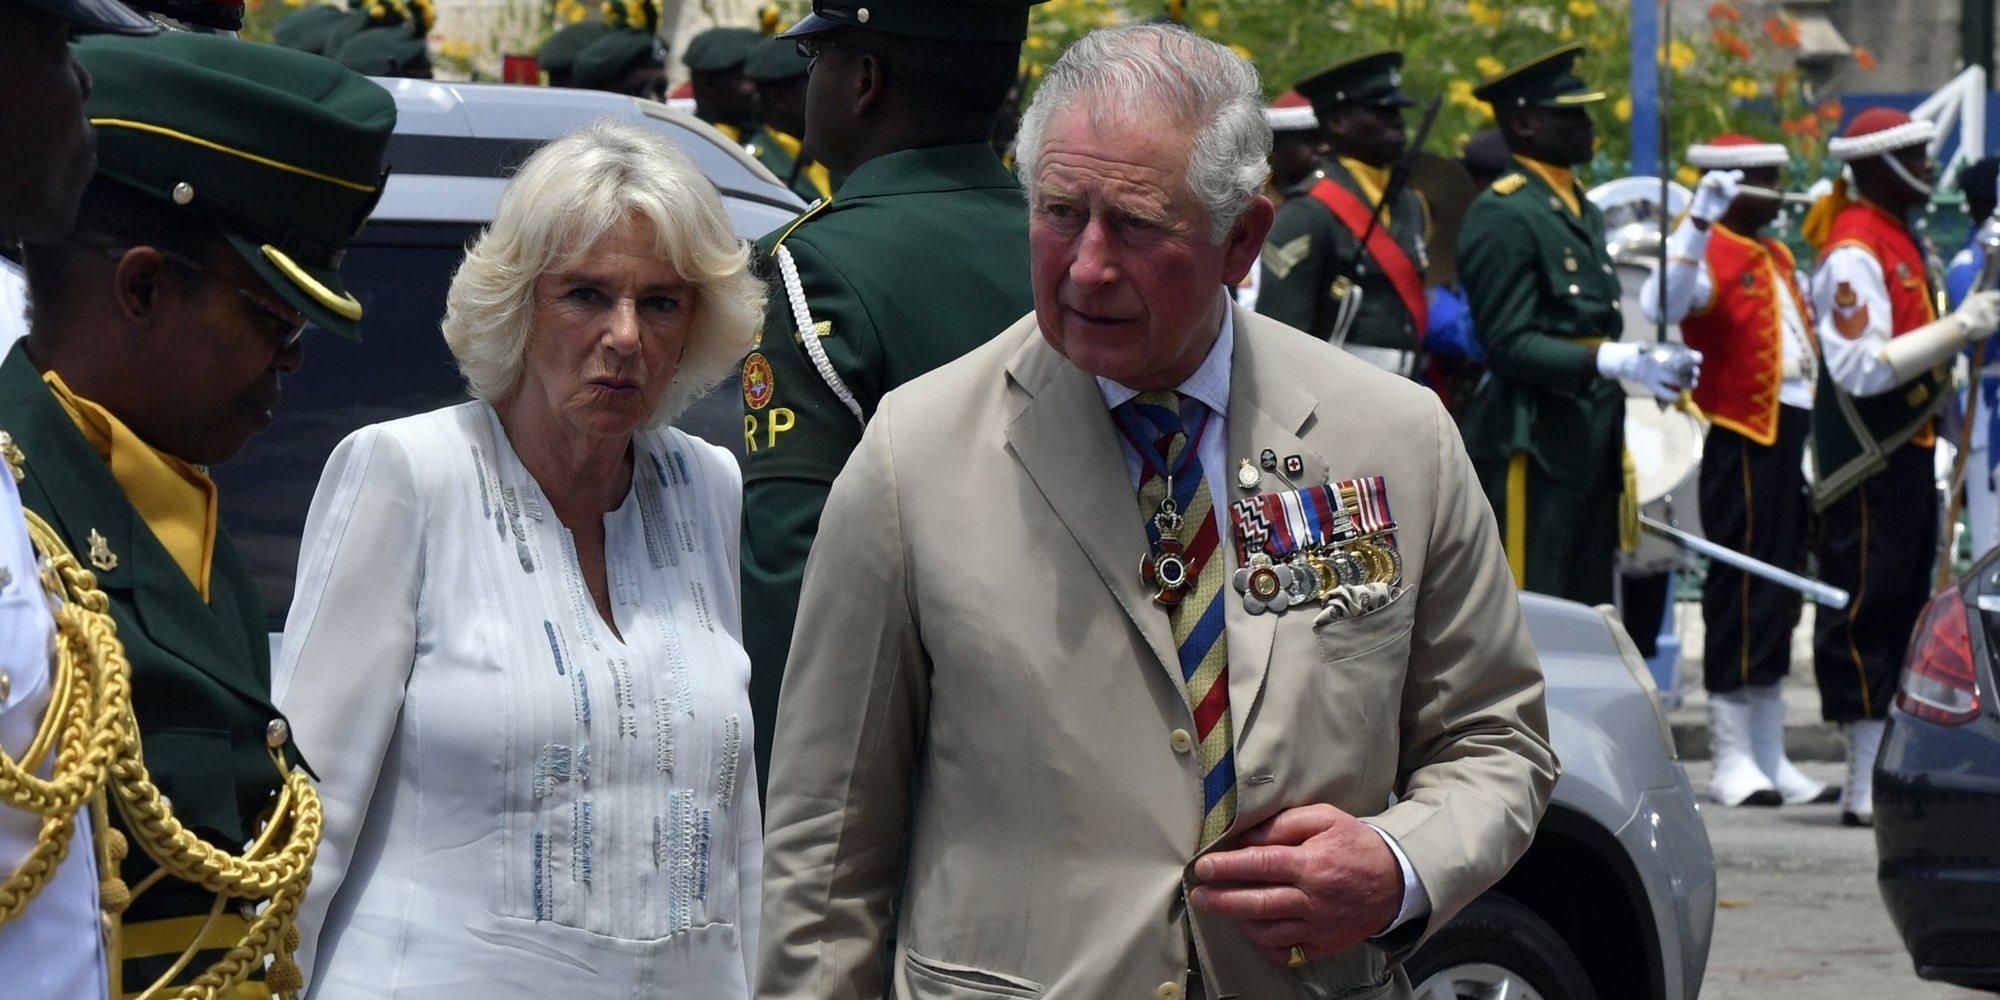 El enfado del Príncipe Carlos al ser pillado en bañador durante su viaje a Barbados con Camilla Parker